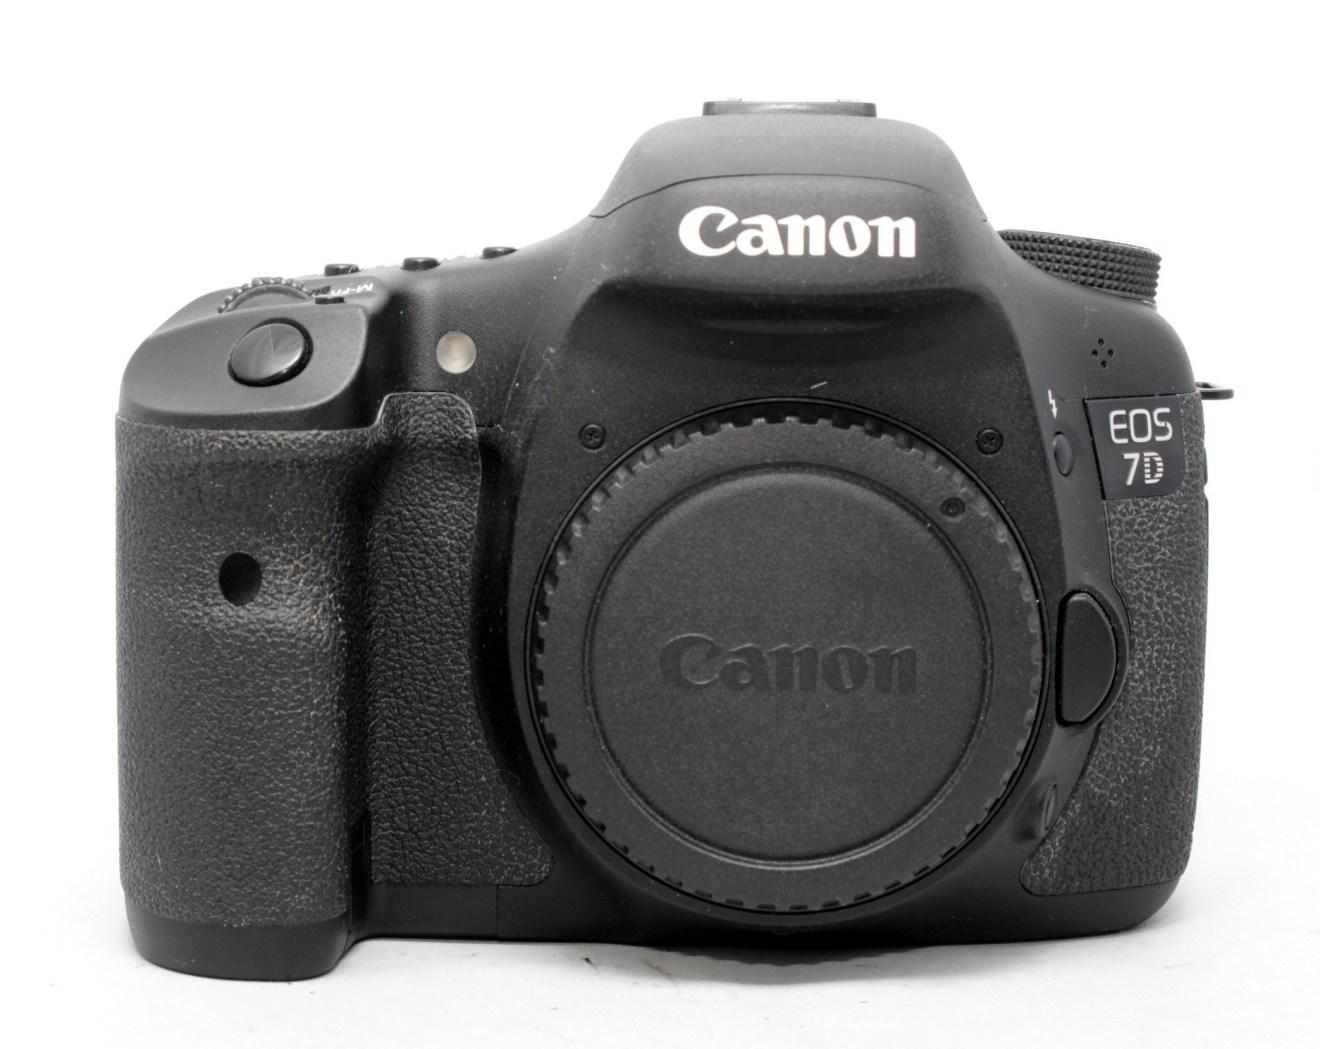 Canon EOS 7D Body occasion canon eos t6 body only Canon EOS T6 Body Only 12234693 1